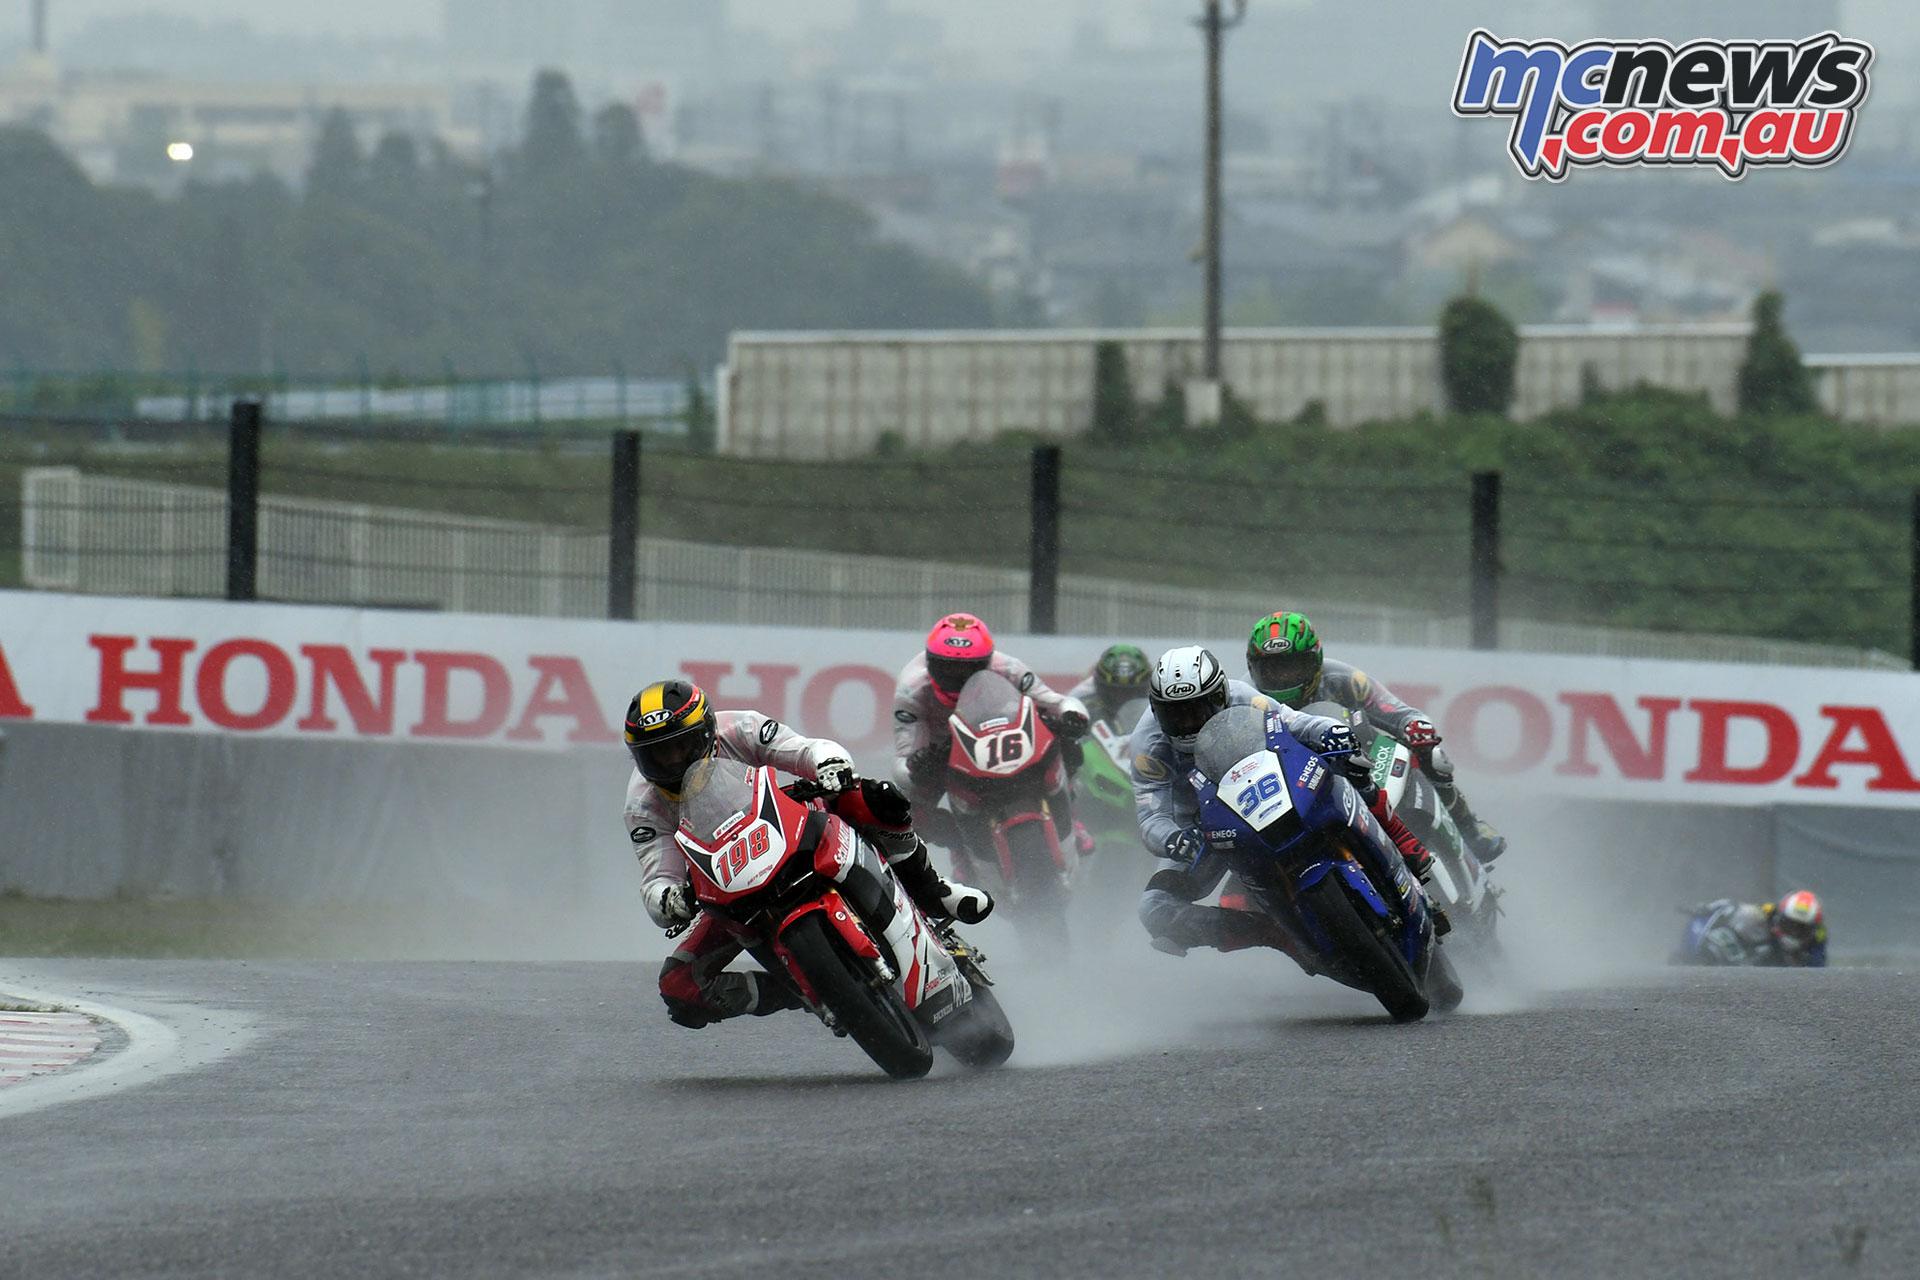 ARRC Rnd Japan Sanajaya leads